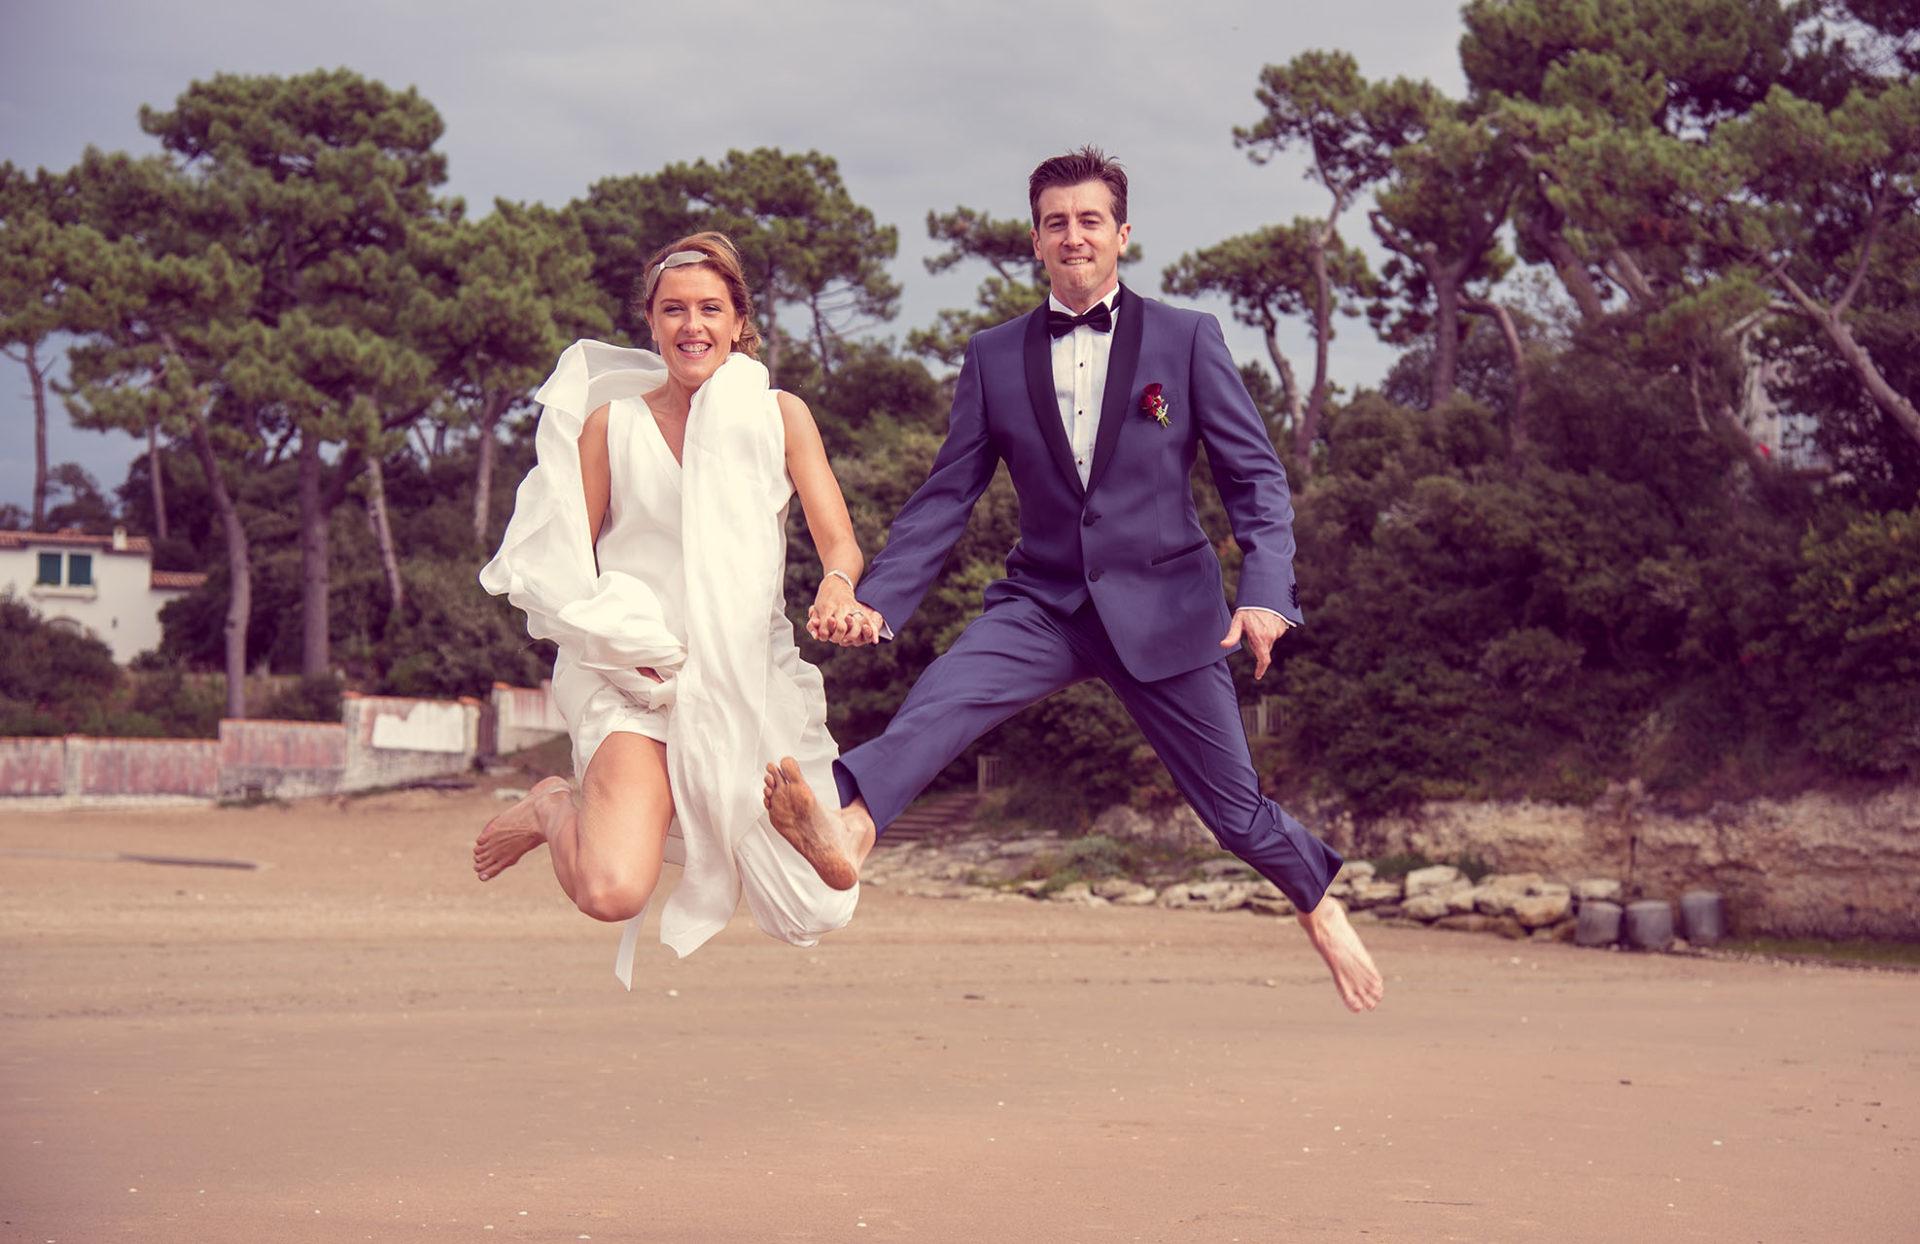 photographe-ile-de-france-mariage-yasmine-philippe